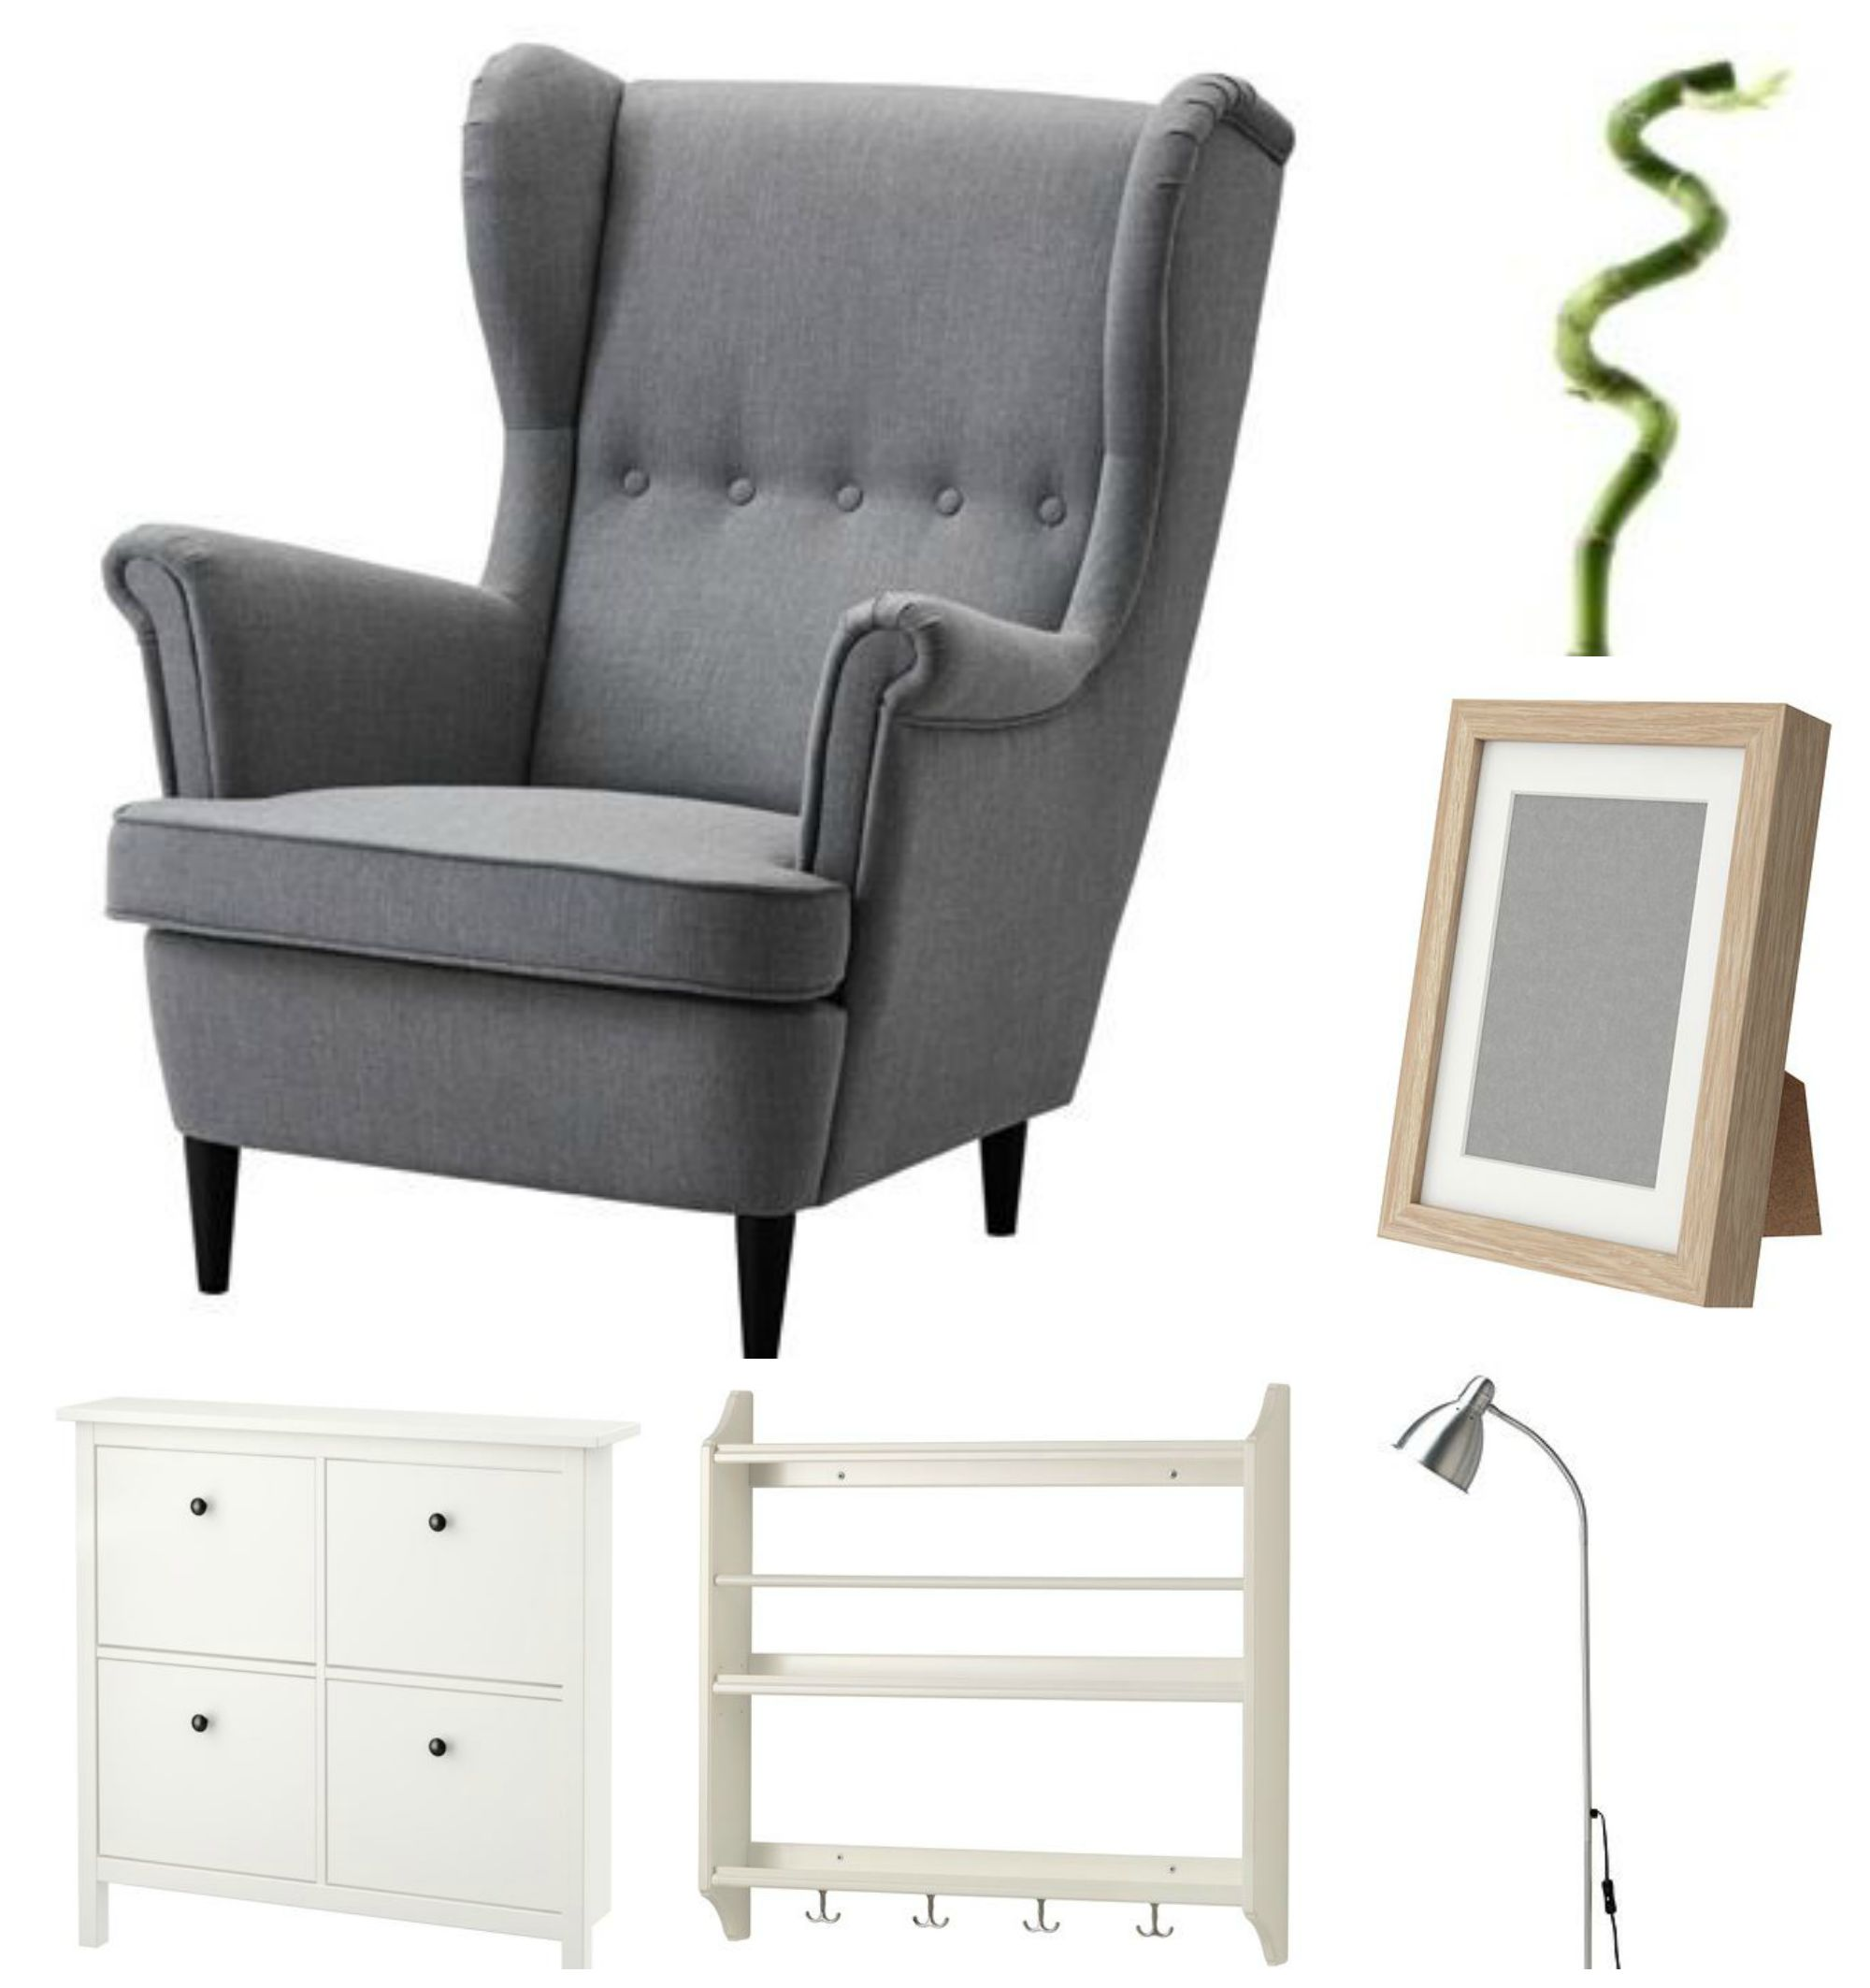 By Dagmar Valerie - Interieur - Ik ga naar de IKEA en neem mee...